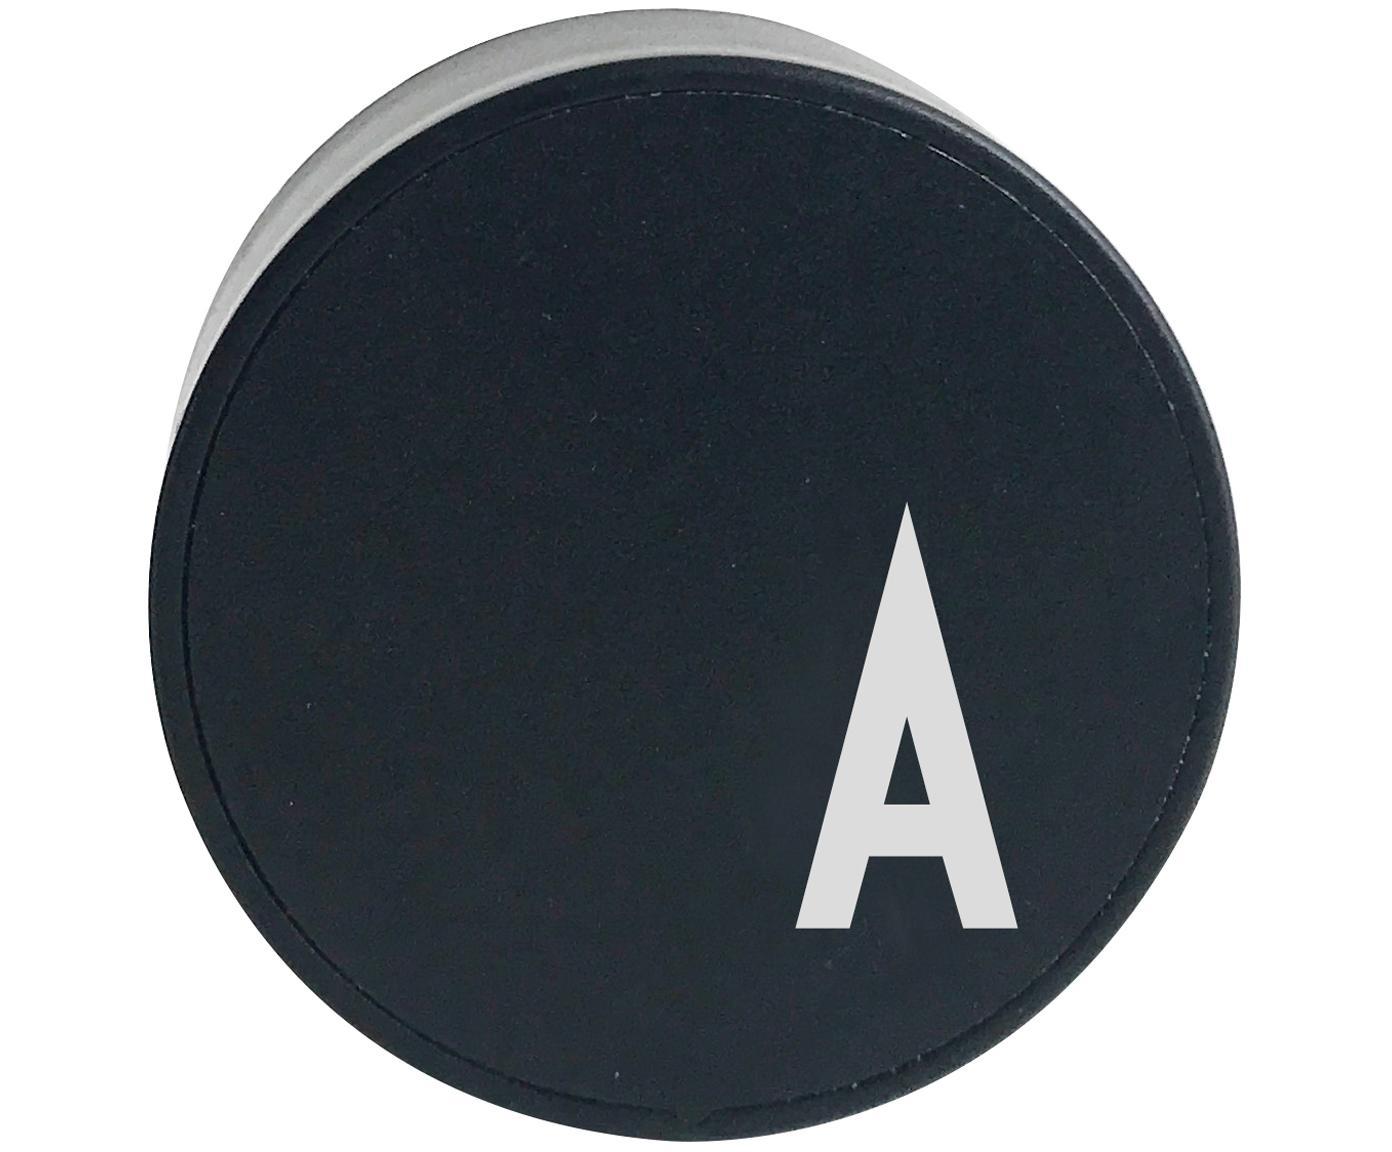 Ladegerät MyCharger (Varianten von A bis Z), Kunststoff, Schwarz, Ladegerät A